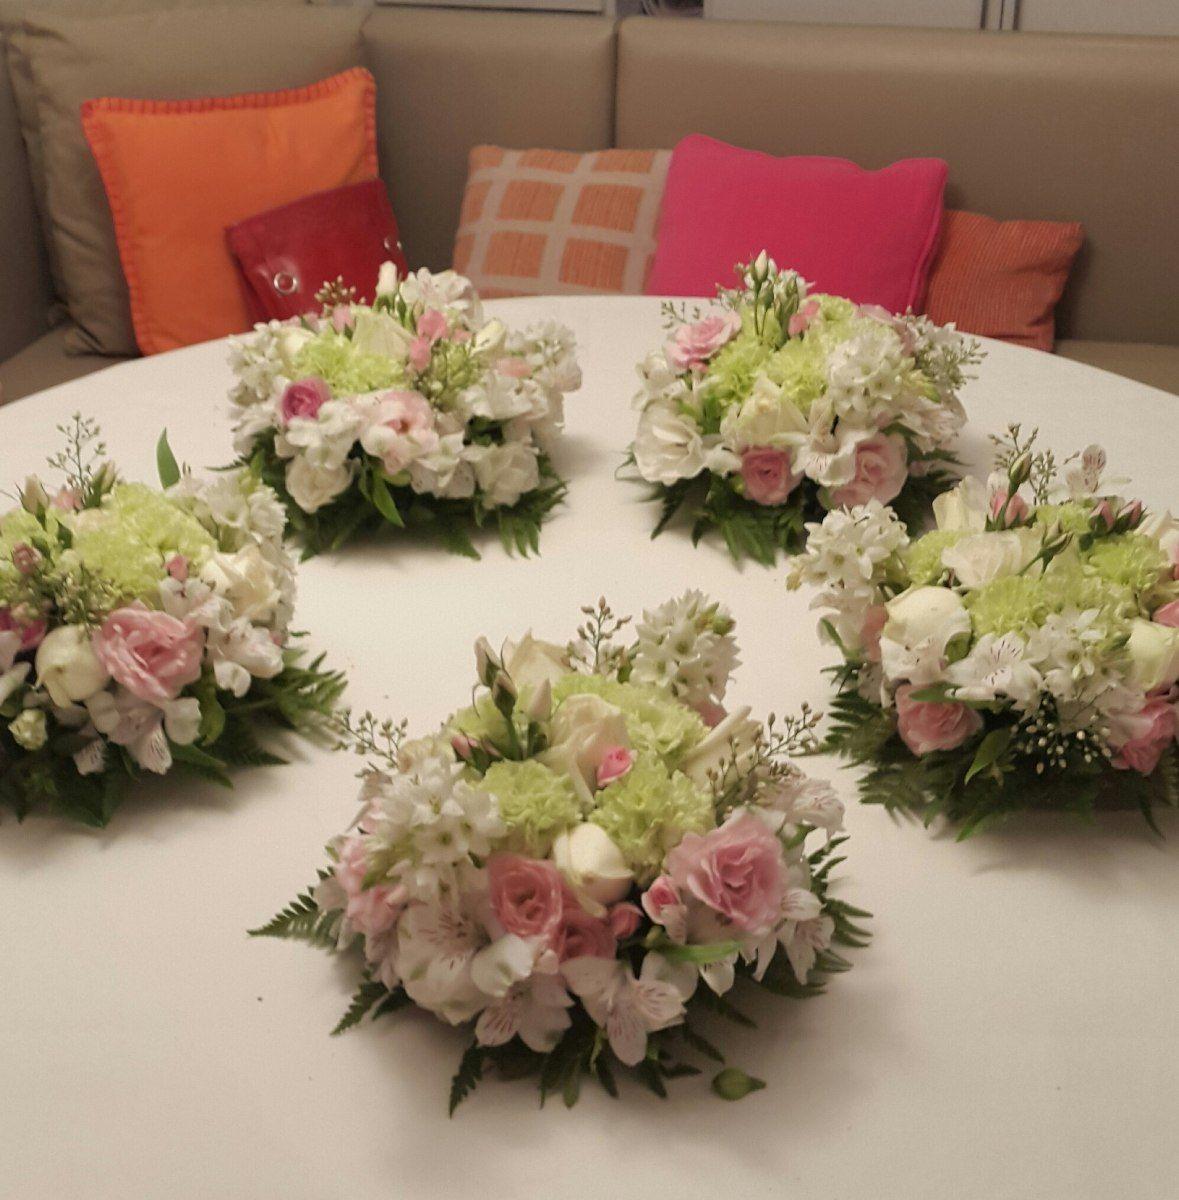 decoracion con flores para primera comunion buscar con google centro de mesa pinterest decoracion con flores buscar con google y buscando